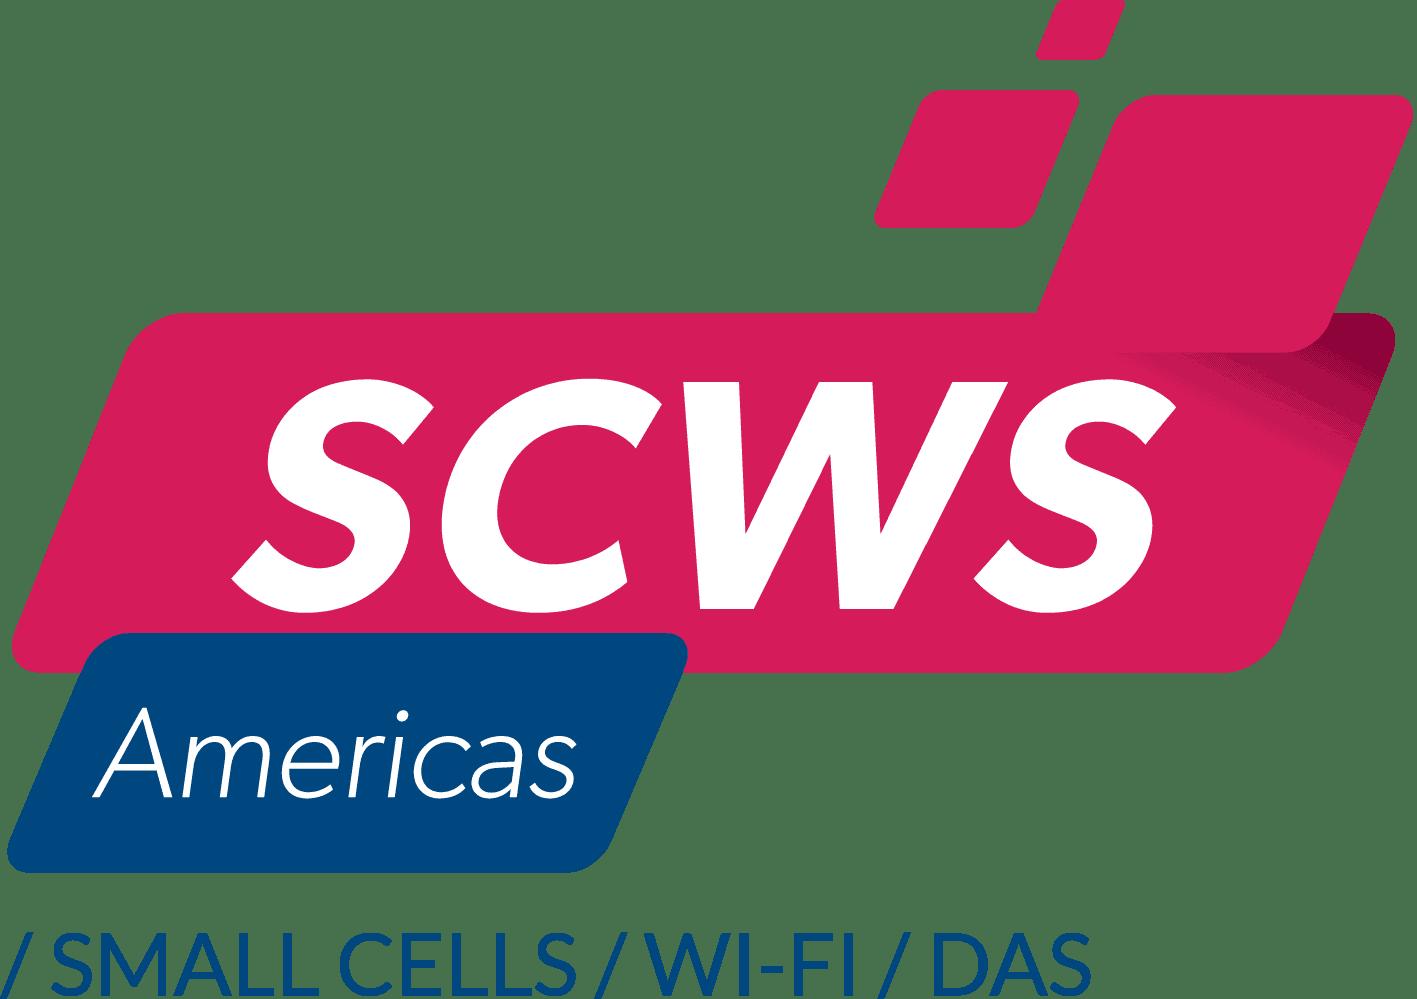 Home Tia Online Eia 568 Standard Pdf Partner Event Scws Americas 2018